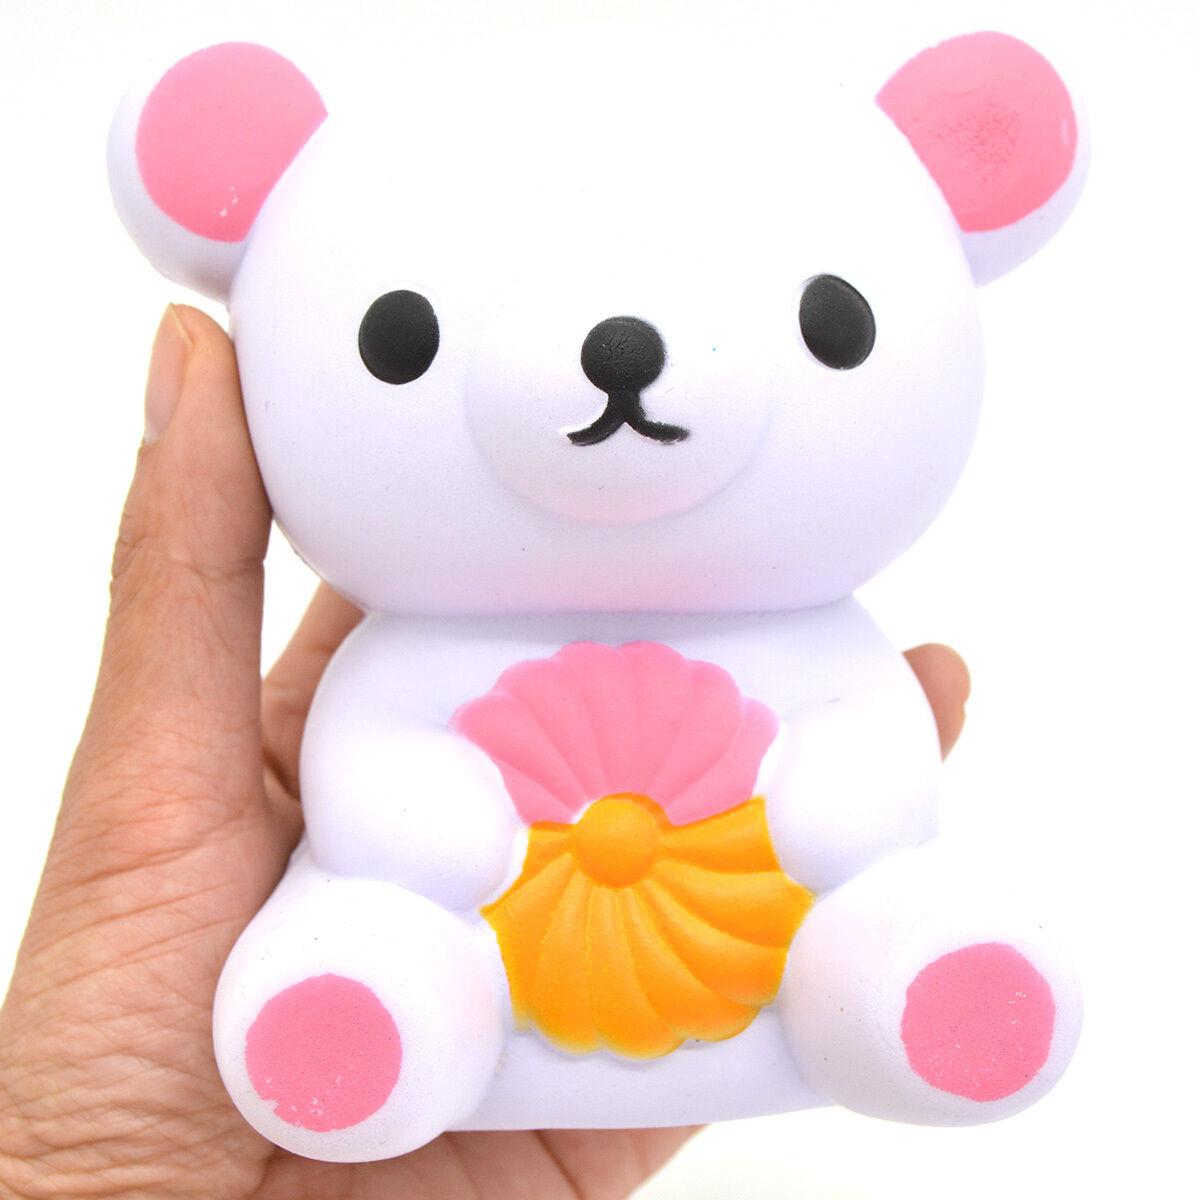 Squishy Bear Toys : New Arrival 12.5CM Cute Rilakkuma Squishy Slow Rising Cartoon Fun Toy Bear Doll eBay